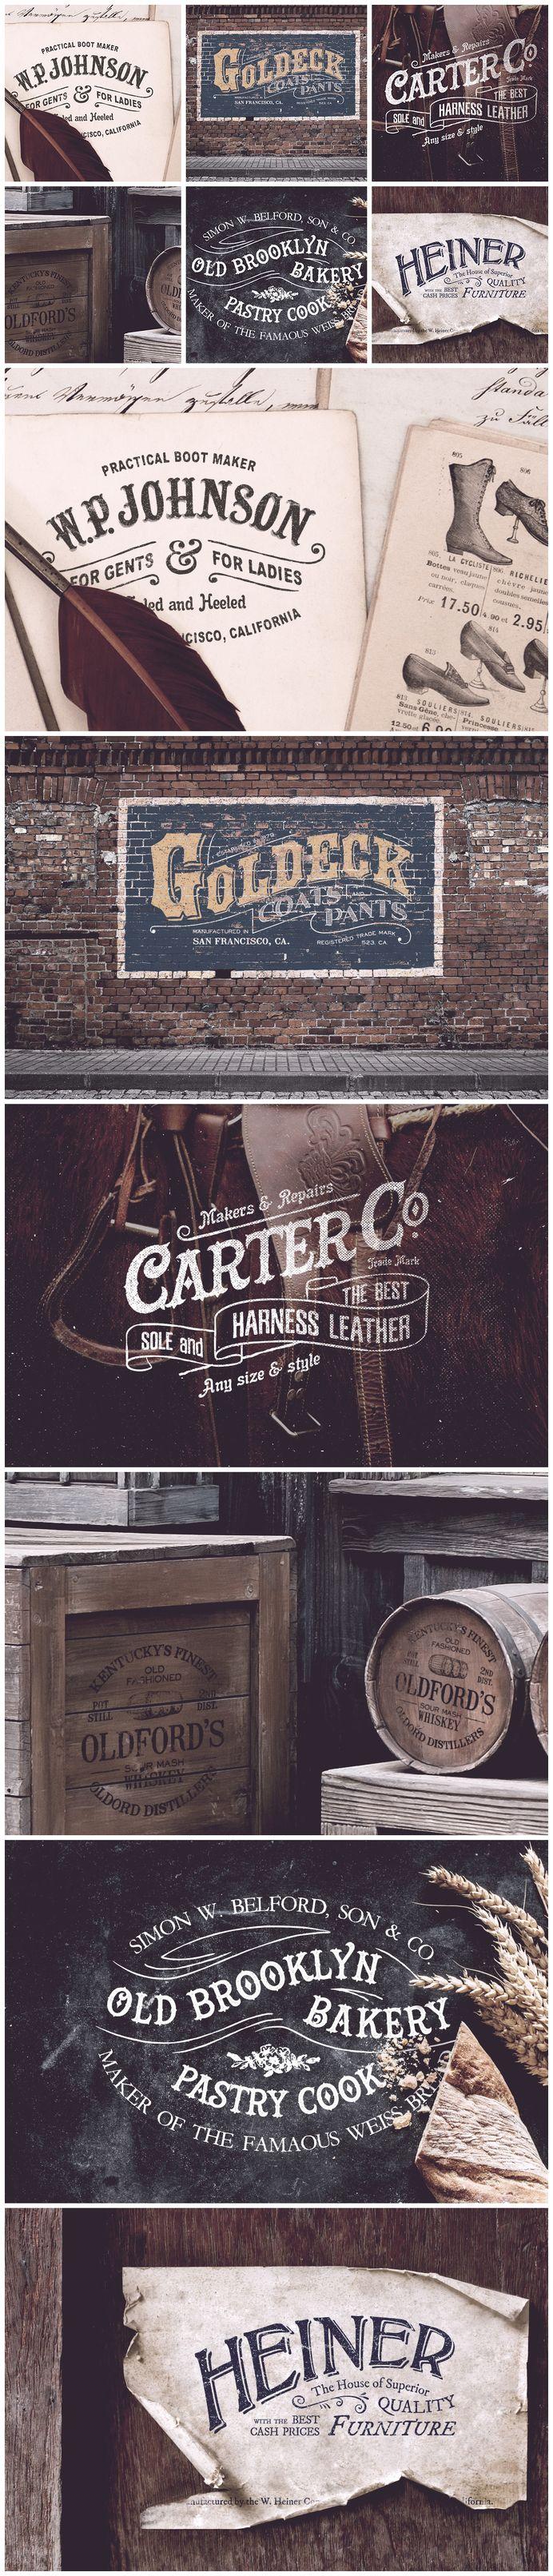 diseño Tipografico vintage